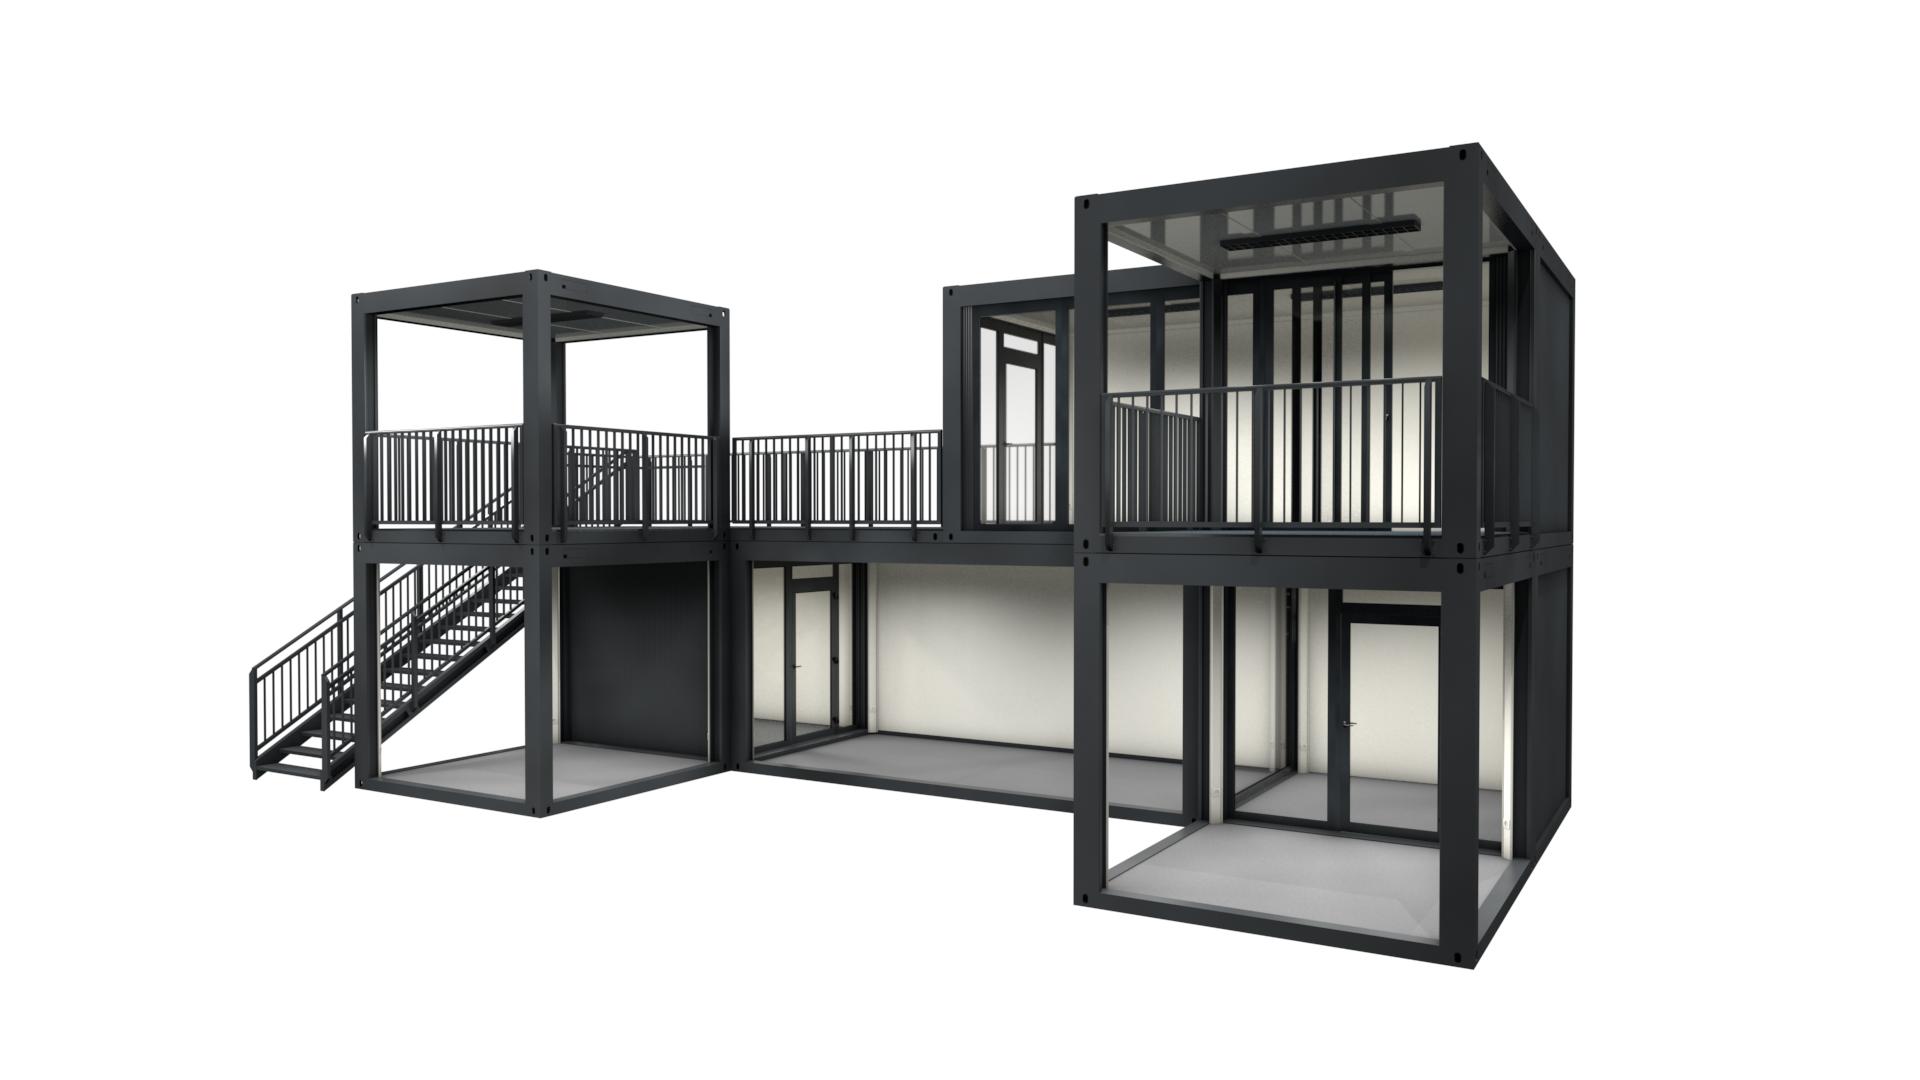 Premium Container M 39 - Ansicht 1